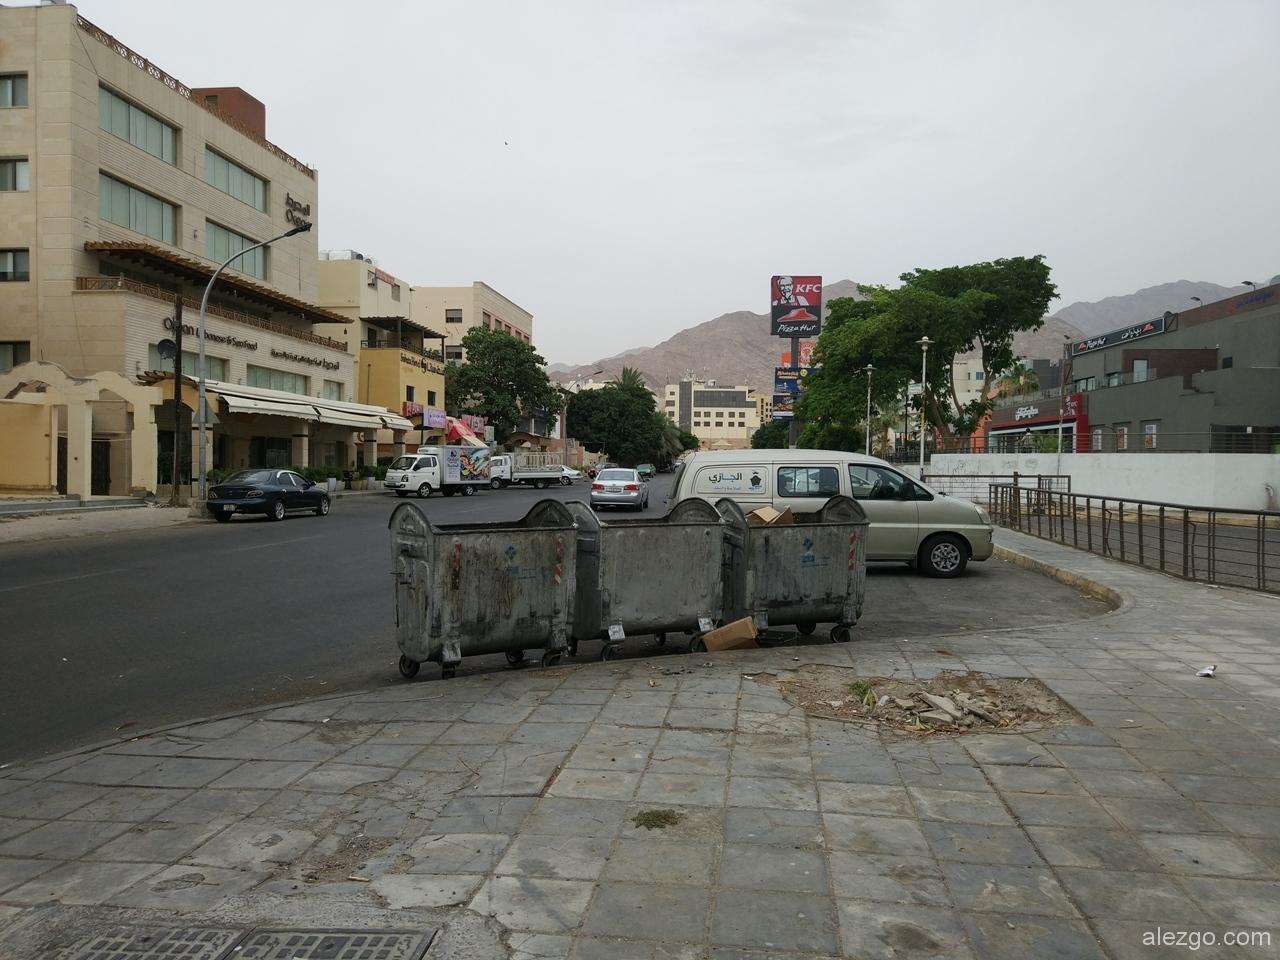 акаба, акаба иордания, акаба 2018